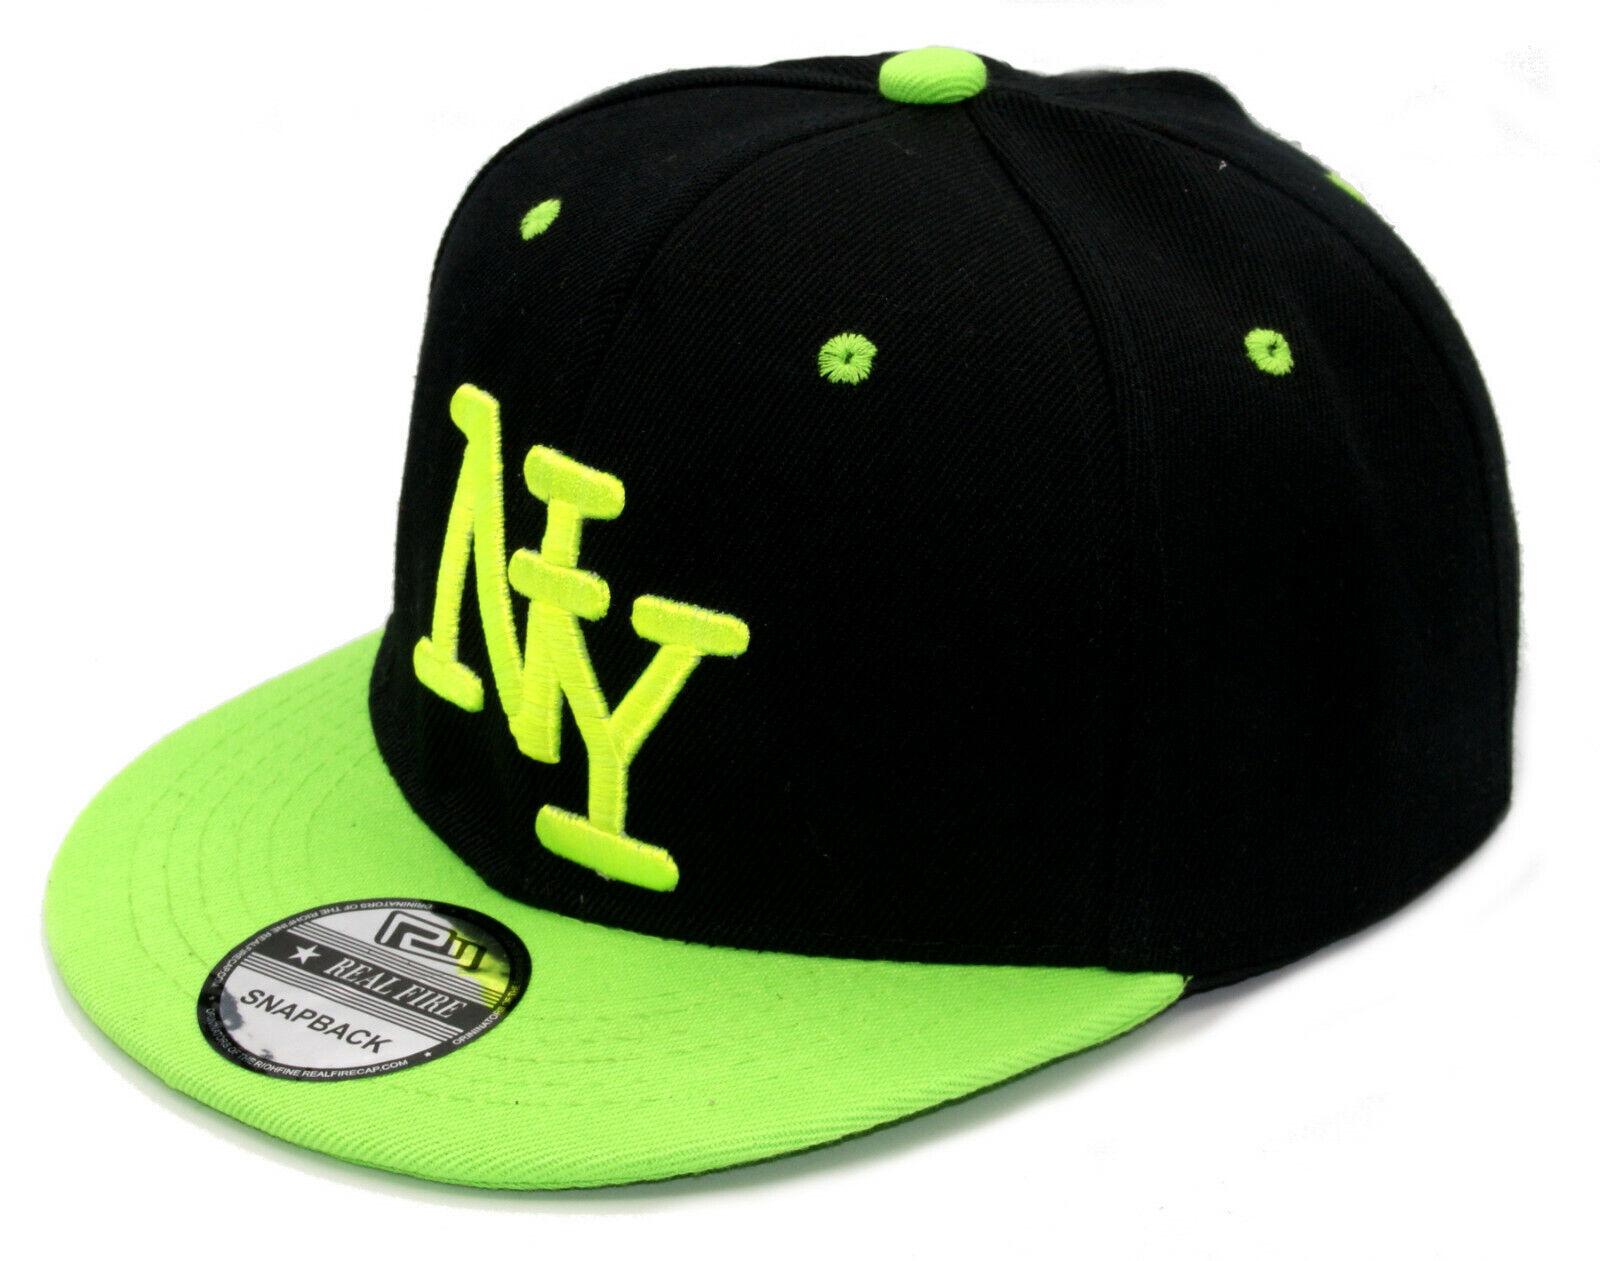 NY Baseball Cappy Herren Cap Mütze Basecap Snapback schwarz grün 54-62cm Kappe